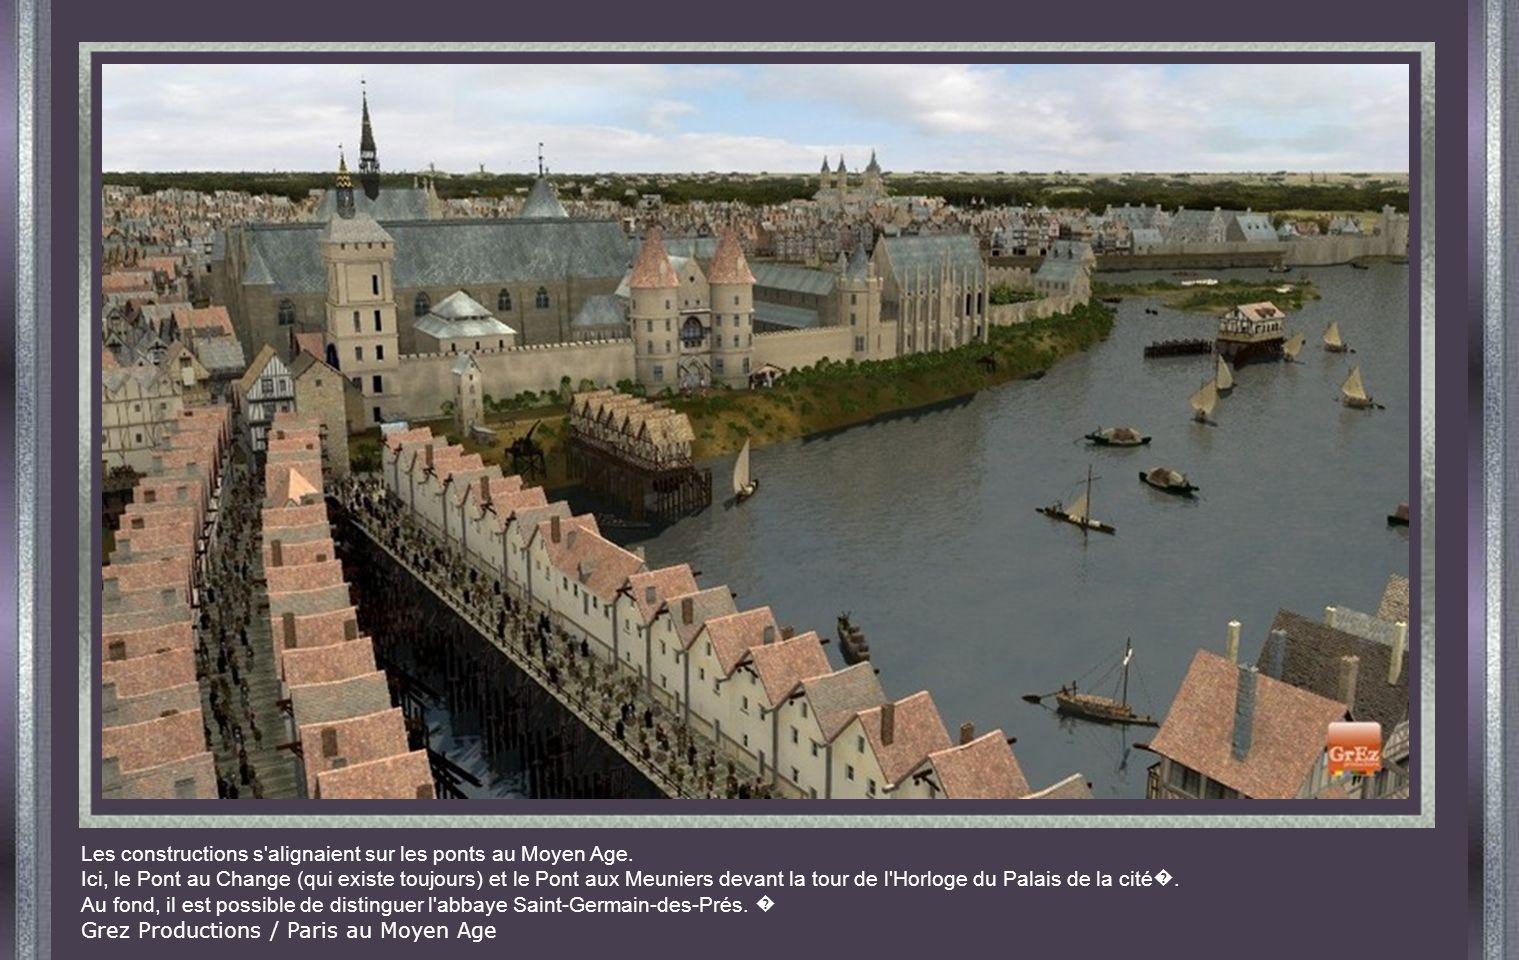 Les constructions s alignaient sur les ponts au Moyen Age.